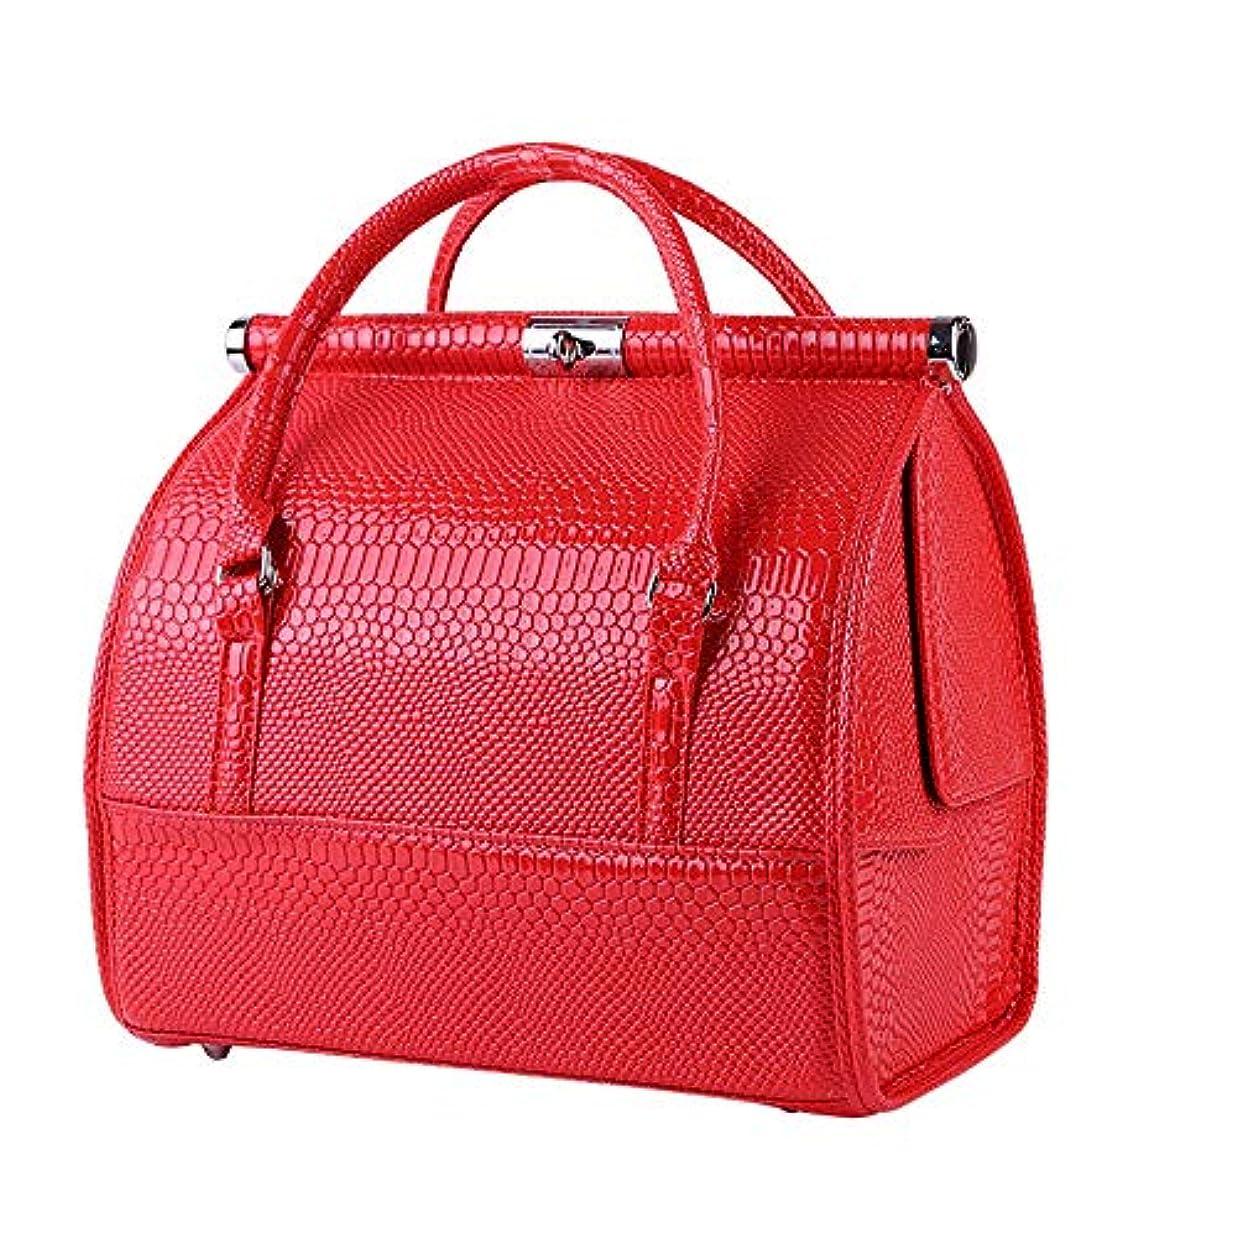 やりすぎふりをする離す化粧オーガナイザーバッグ 女性の女性のための美容メイクアップのためのポータブル化粧品バッグ旅行と折り畳みトレイで毎日のストレージ 化粧品ケース